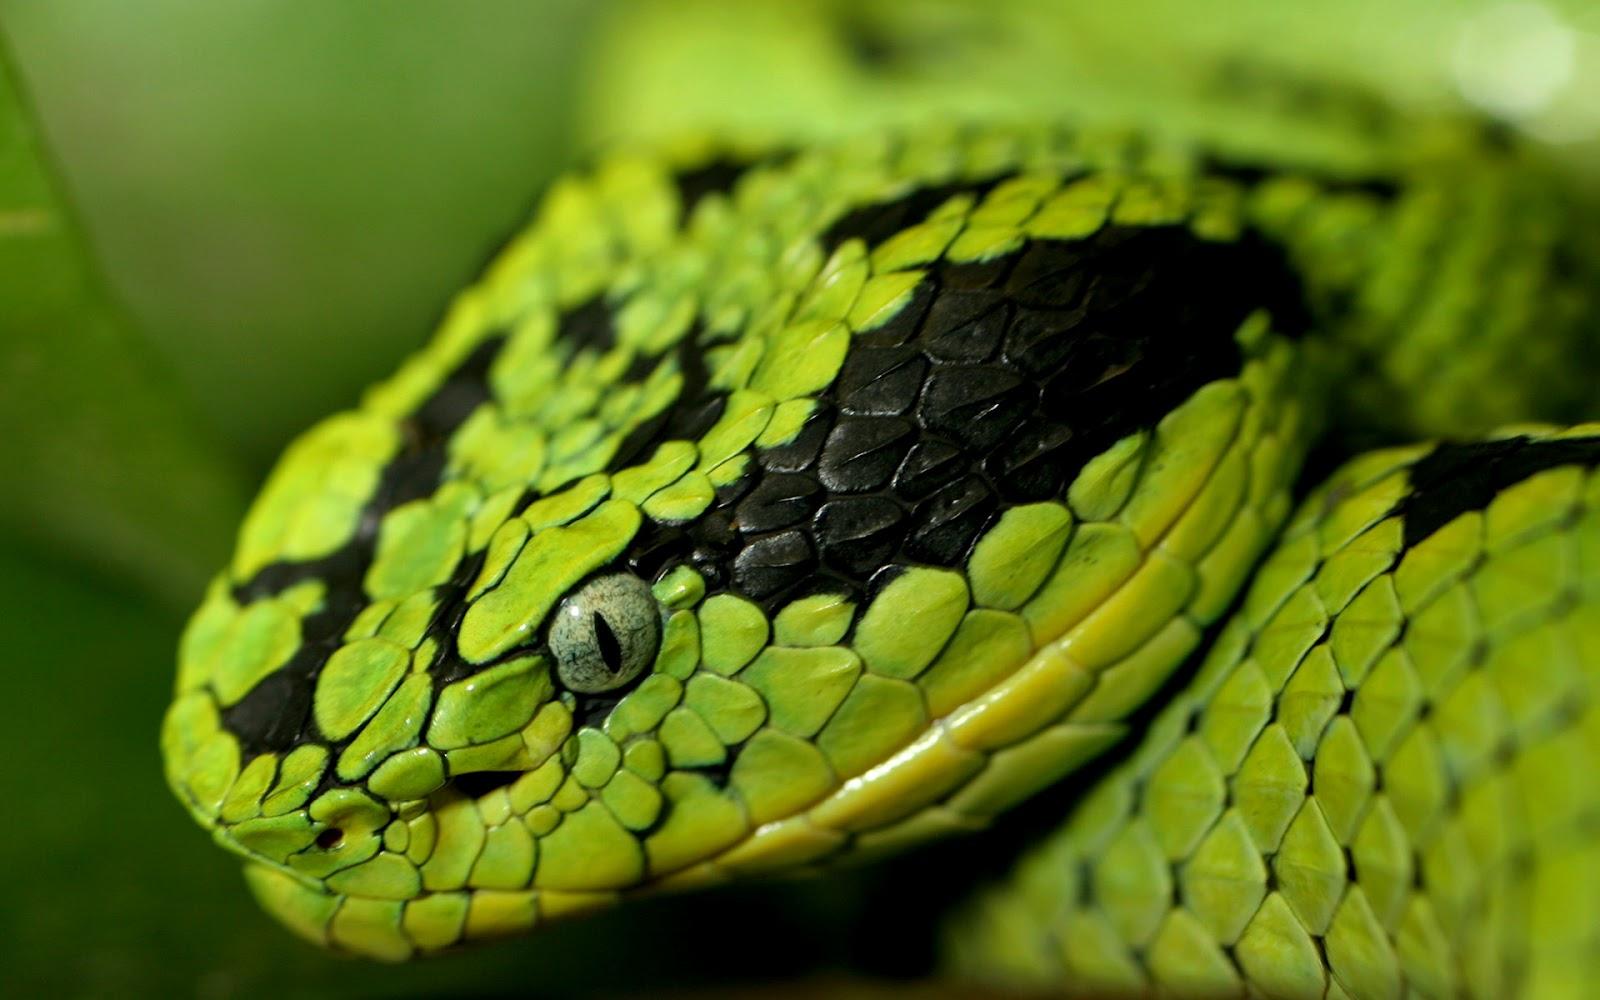 snake wallpaper dangerous - photo #16